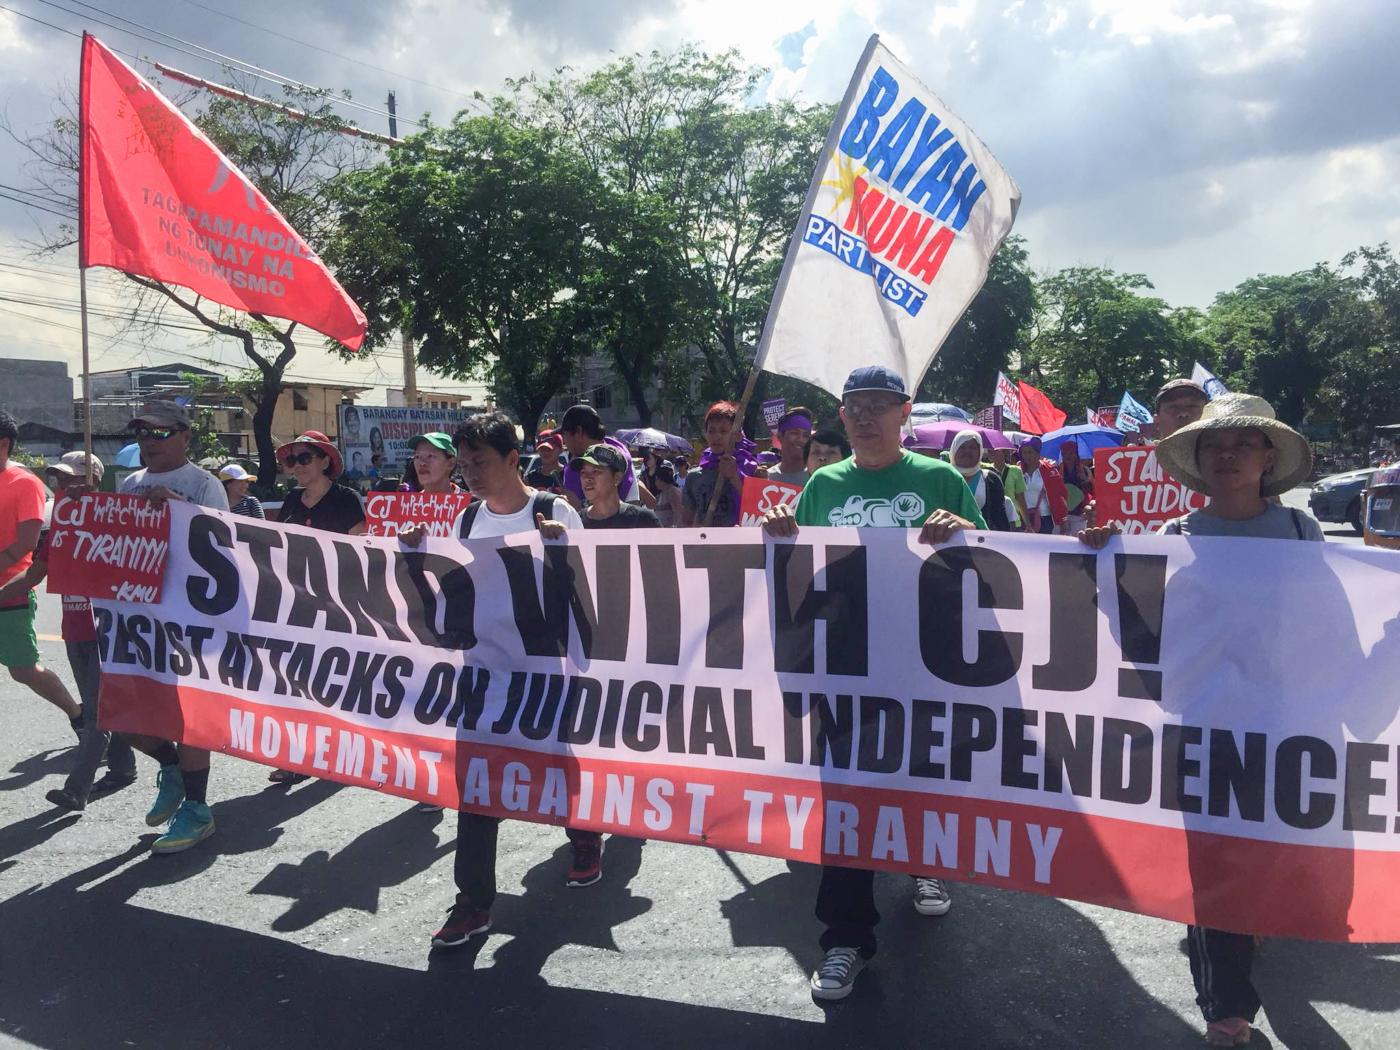 File Photo by Kathy Yamzon. March 6, 2018.